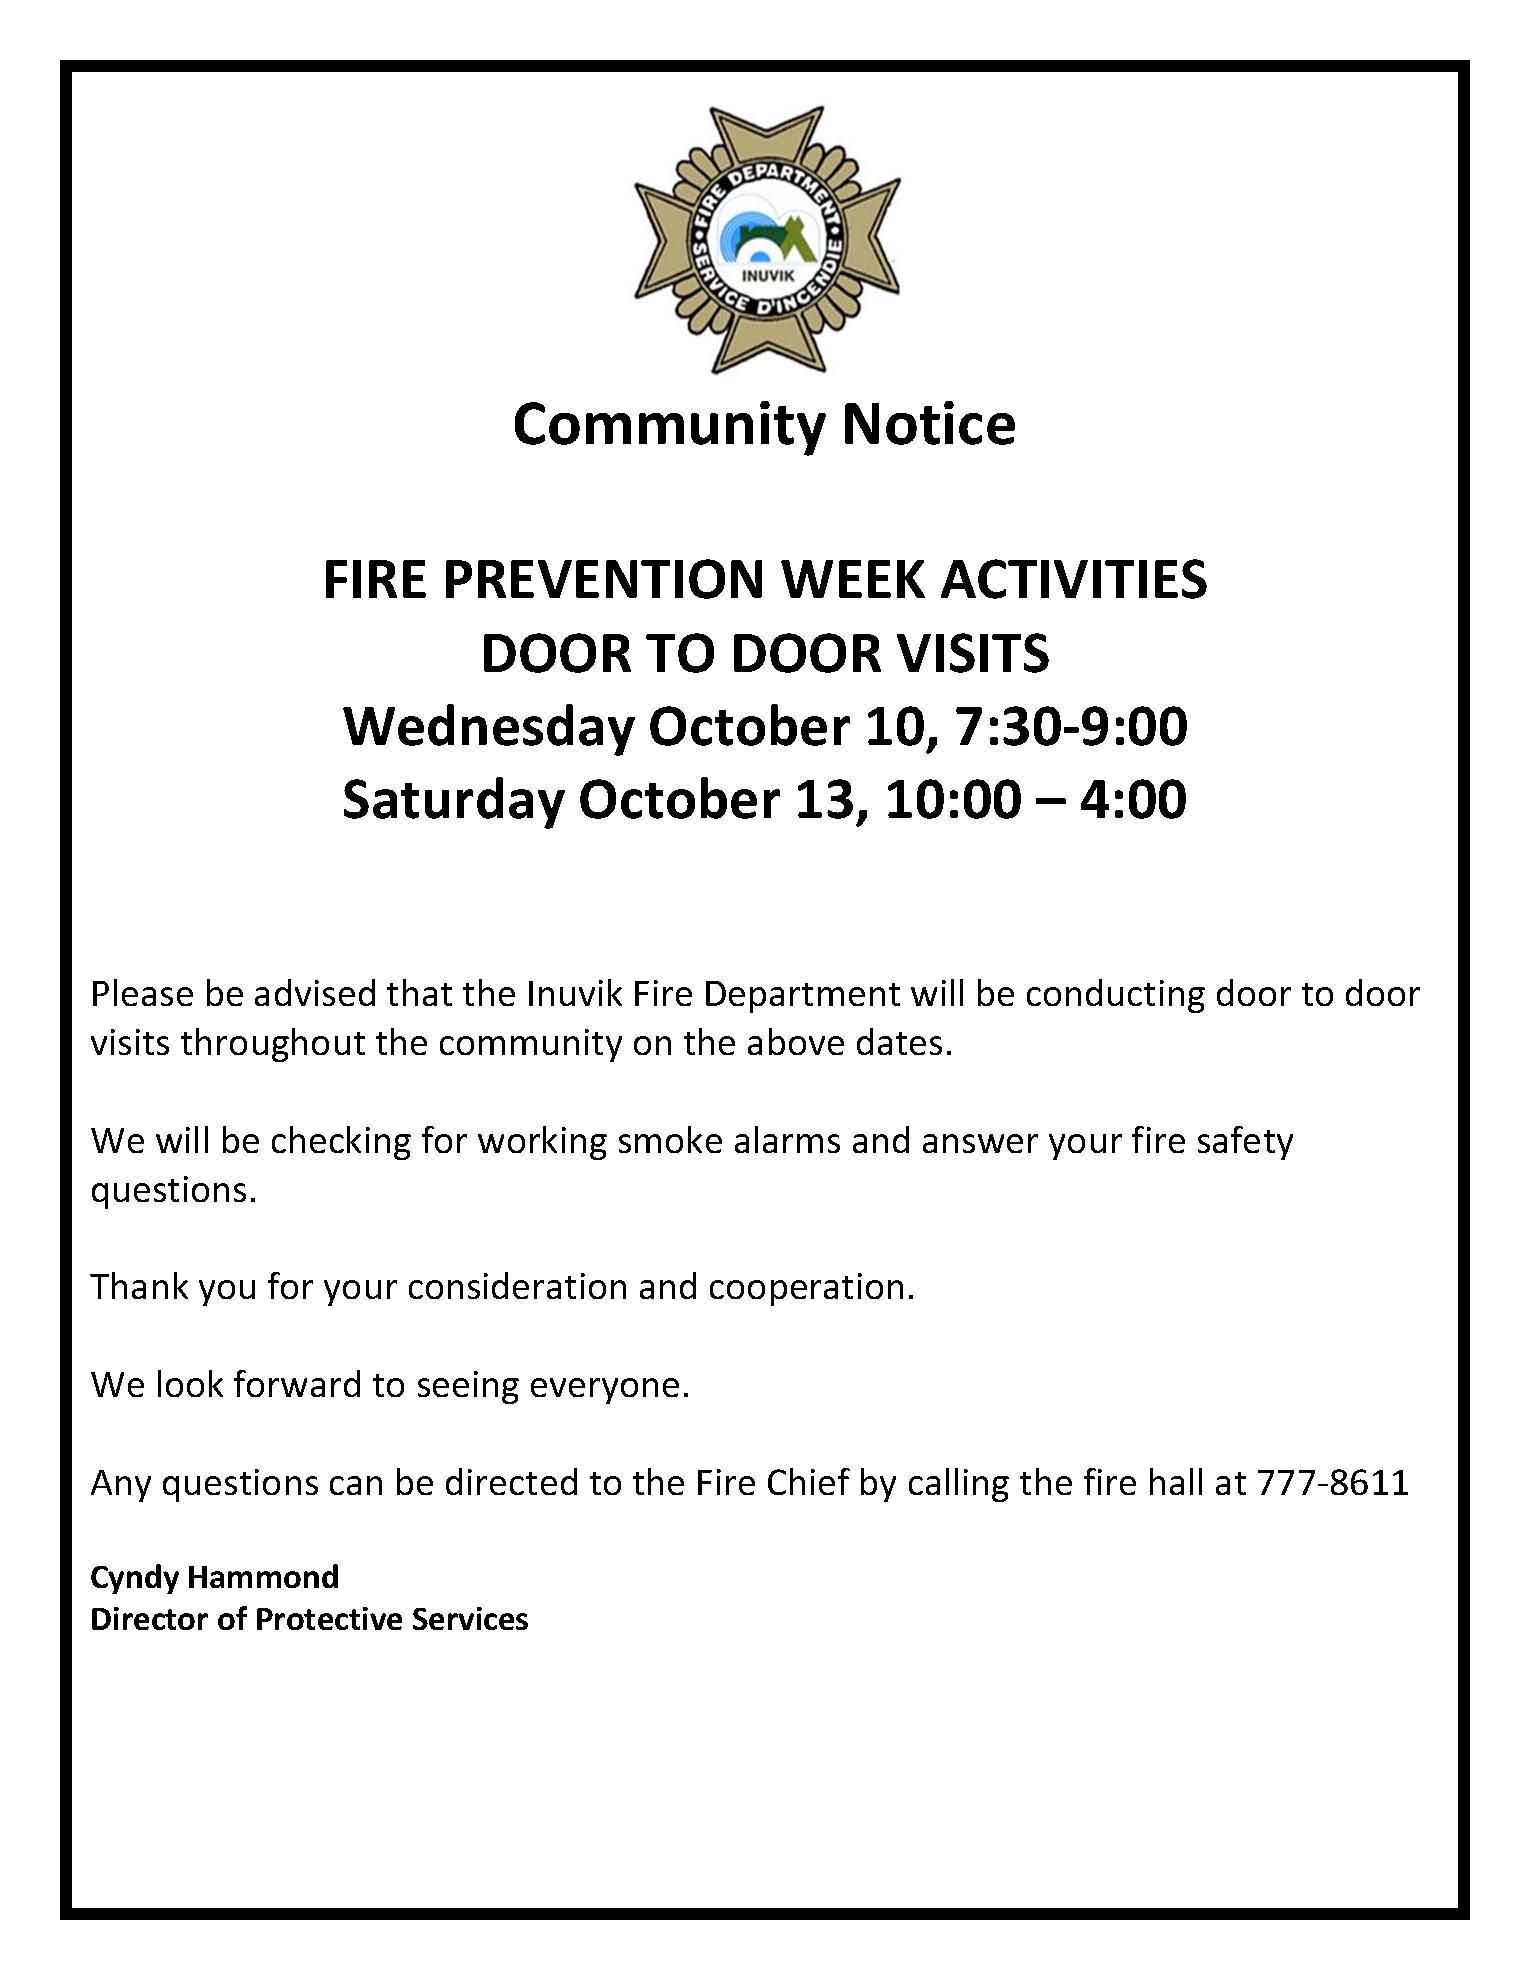 Community Notice for Door to Door Campaign